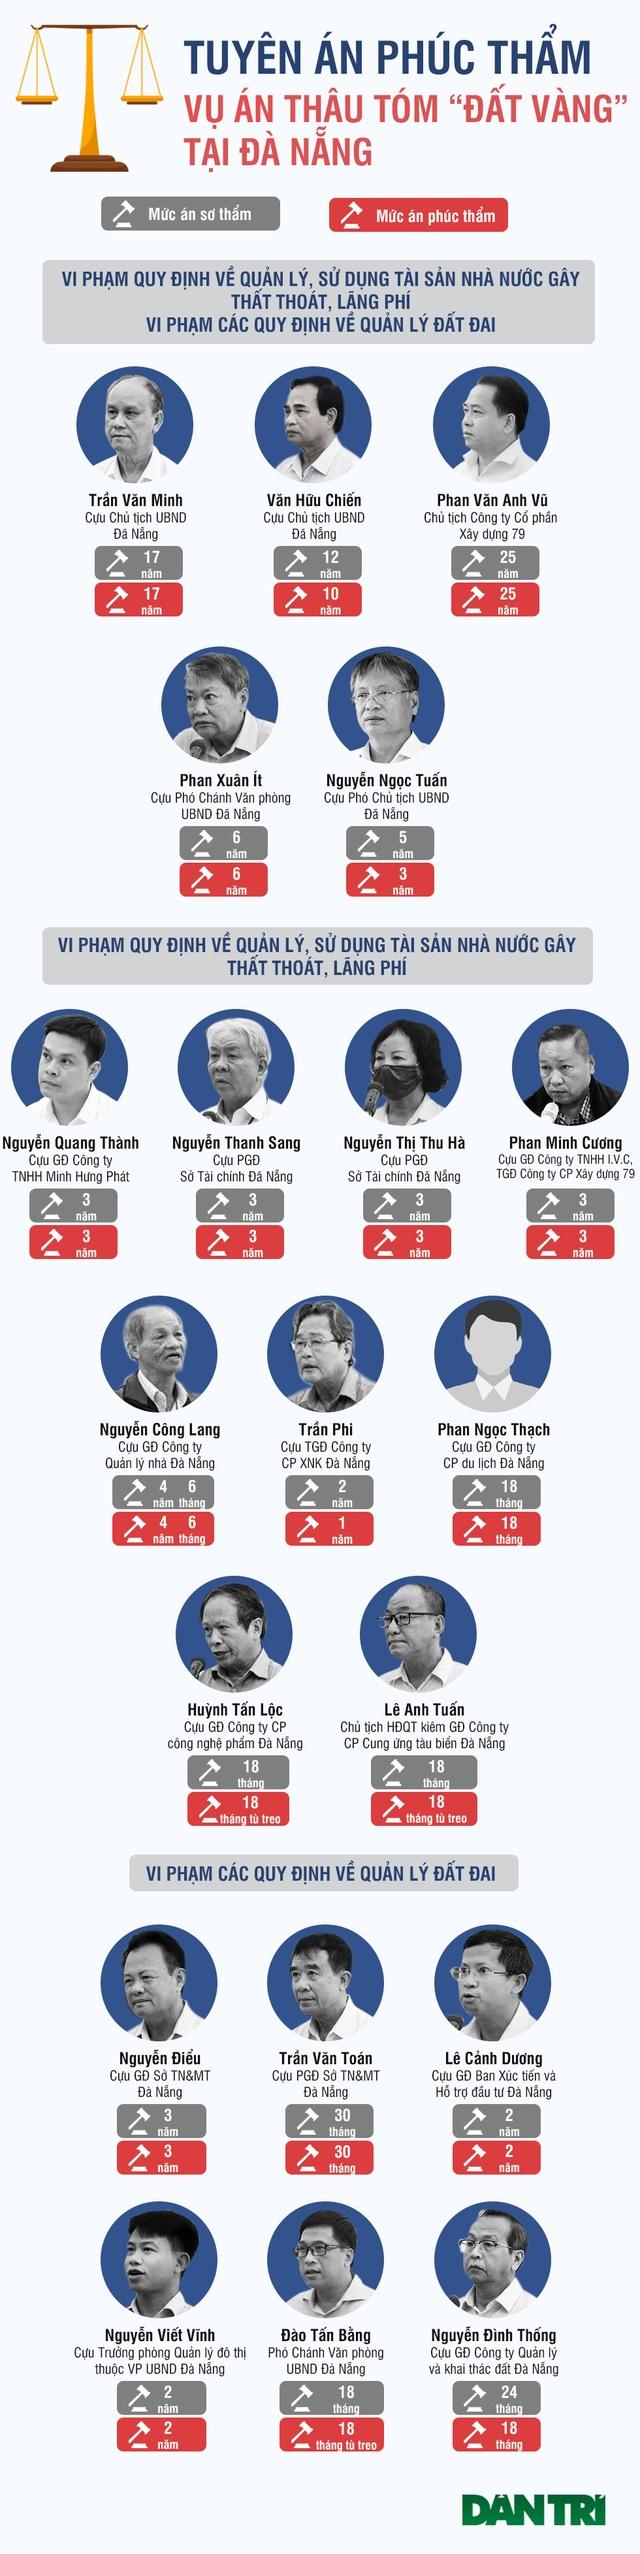 Infographics mức án của 2 cựu Chủ tịch Đà Nẵng và hàng loạt cựu cán bộ - 1